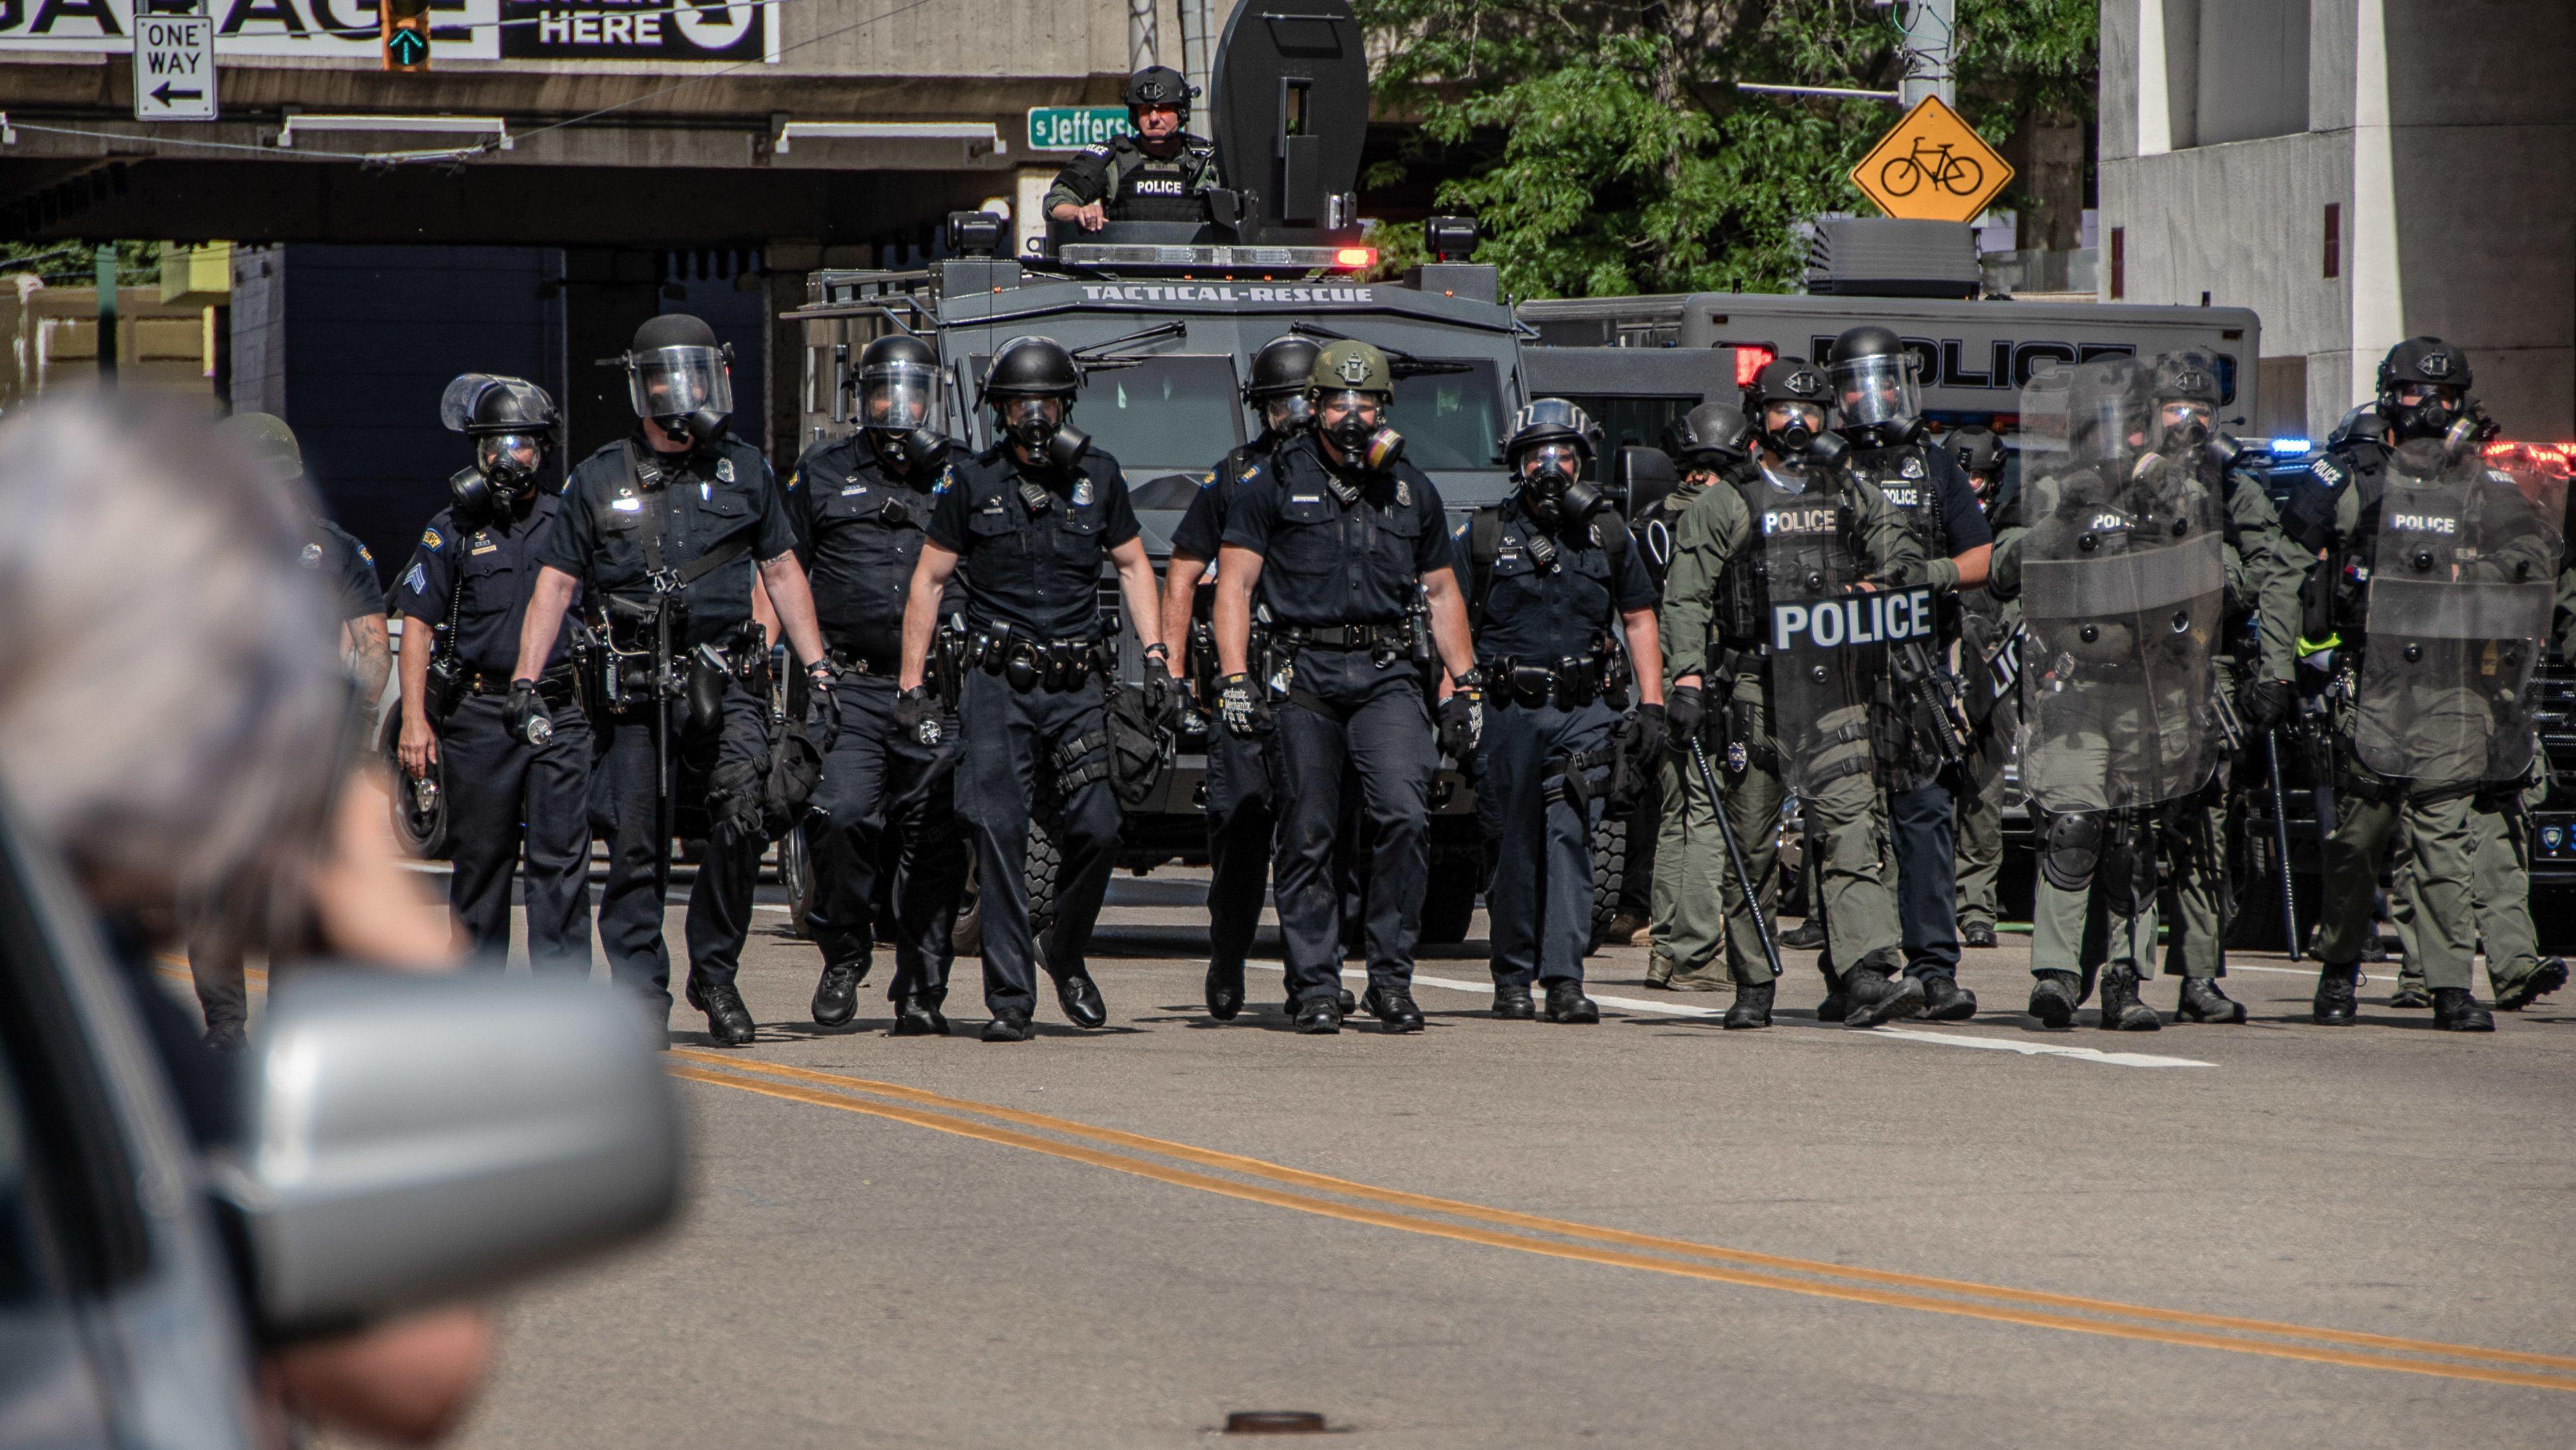 Polizisten marschieren in der US-Stadt Dayton auf Protestierende zu, die gegen Polizeigewalt auf die Straße gehen.